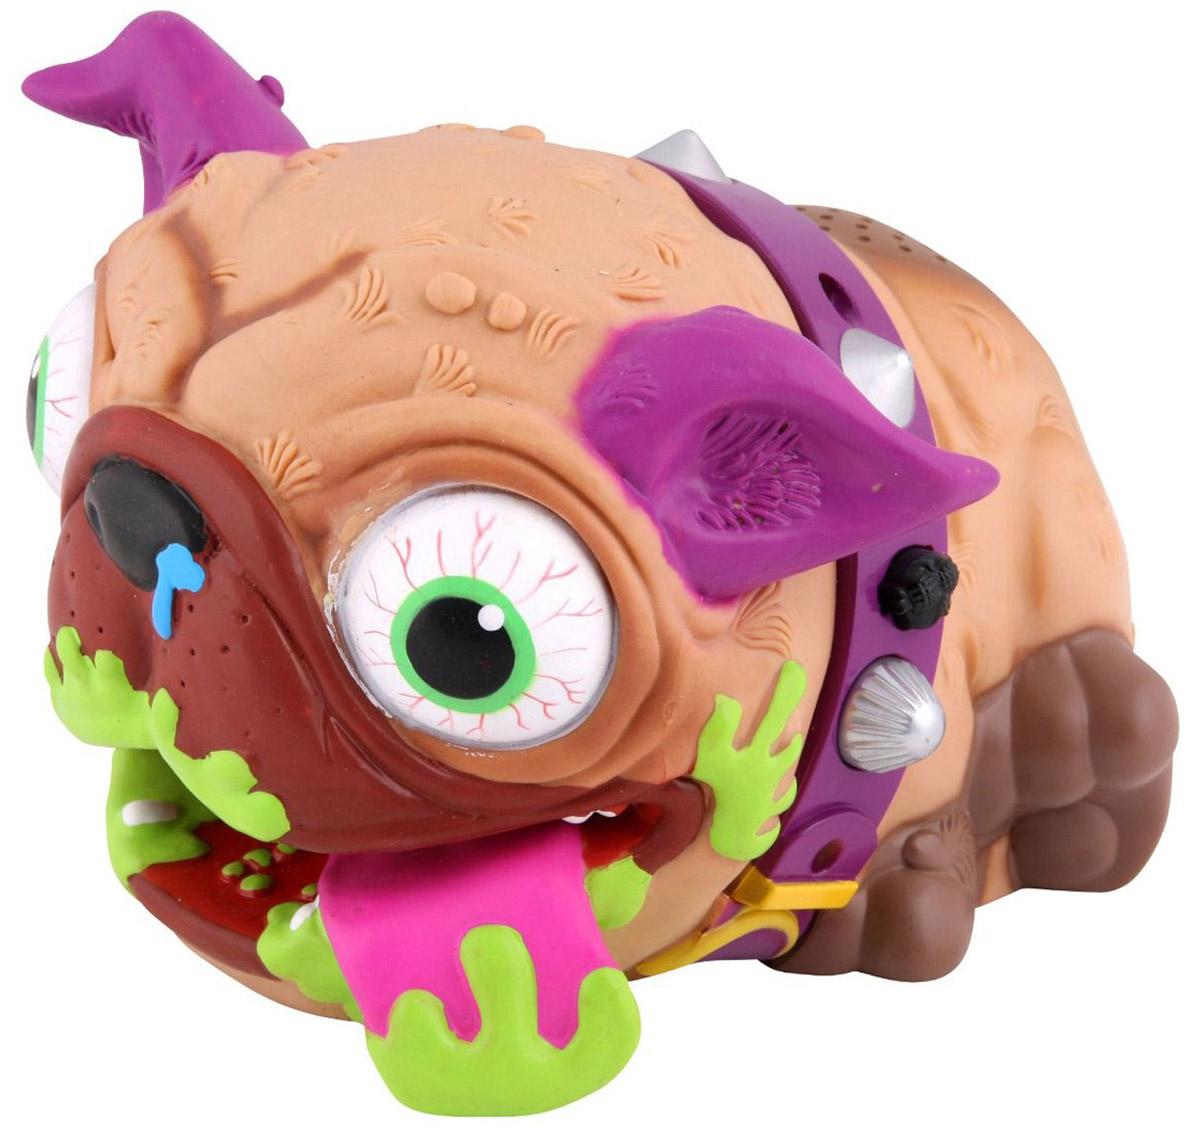 The Ugglys Электронная игрушка Мопс цвет ошейника фиолетовый - Интерактивные игрушки